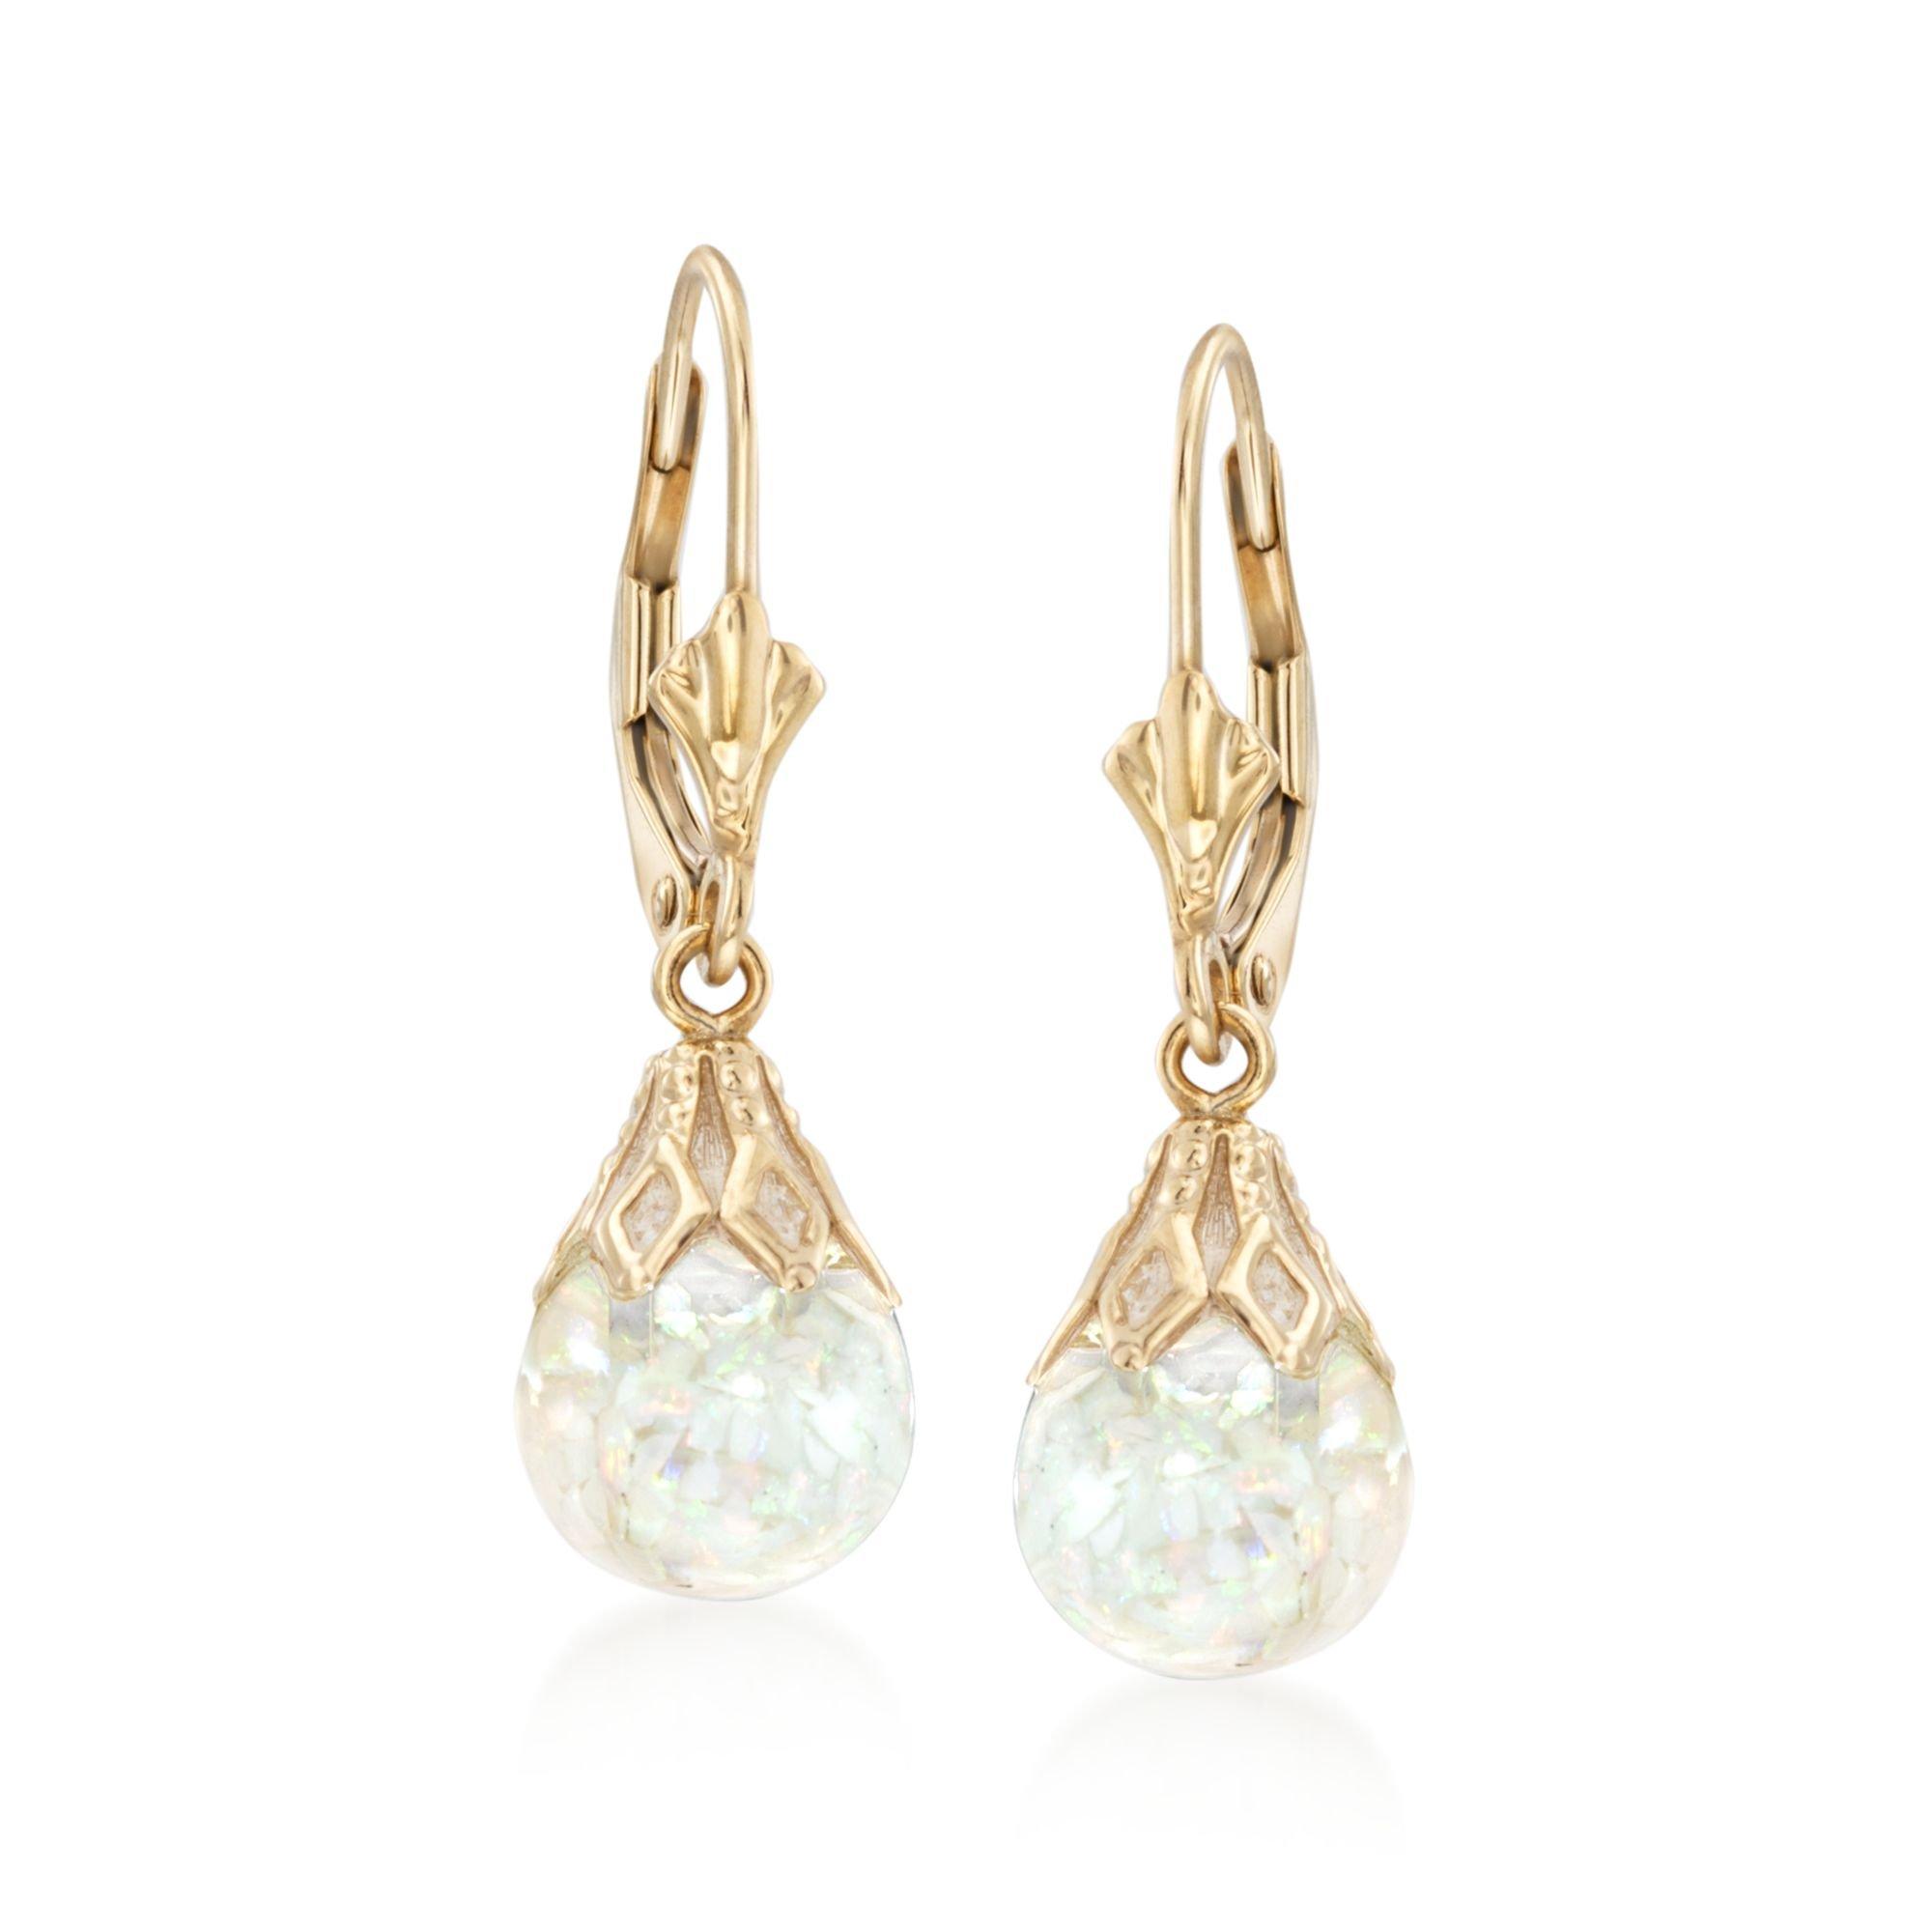 Ross-Simons Floating Opal Drop Earrings in 14kt Yellow Gold